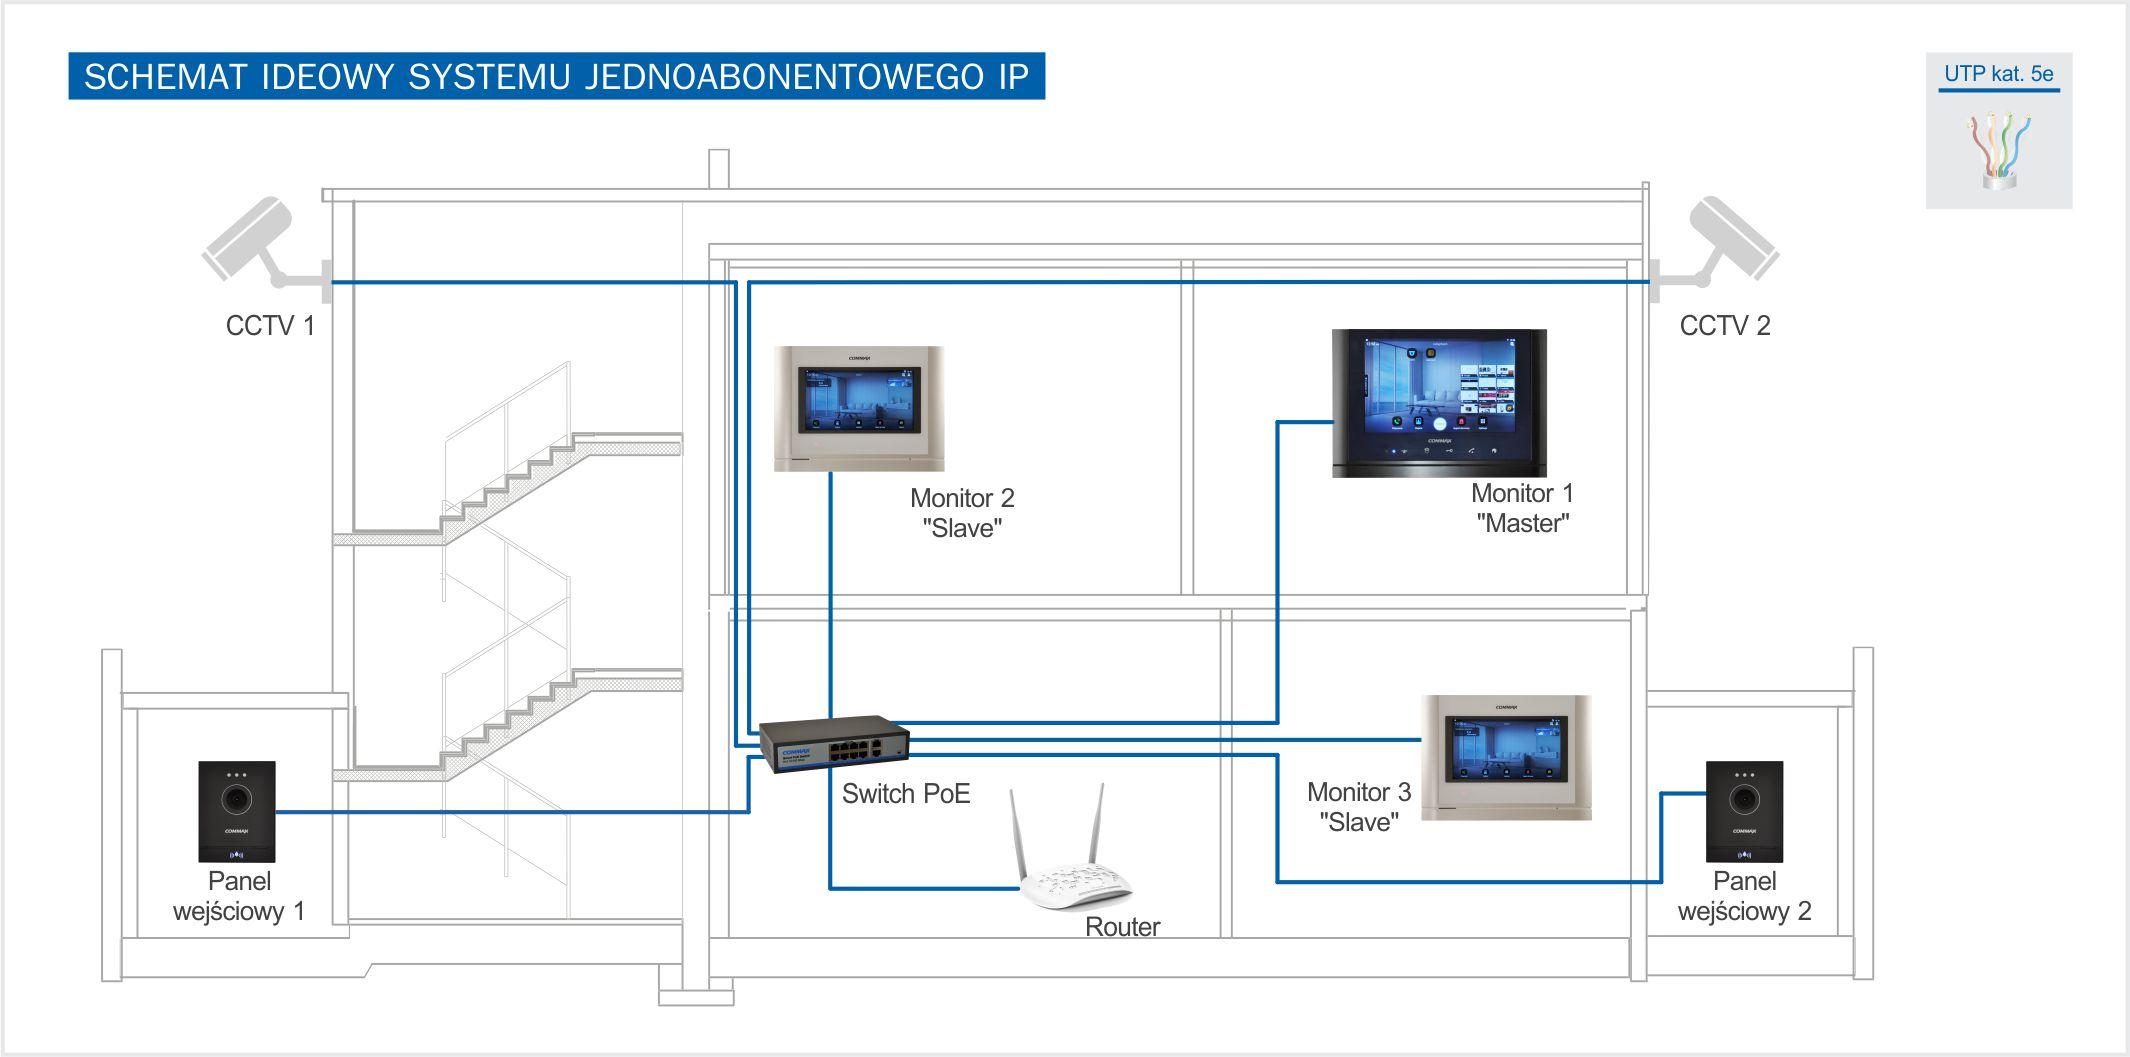 Schemat ideowy systemu jednoabonamentowego z wykorzystaniem CIOT-1020M